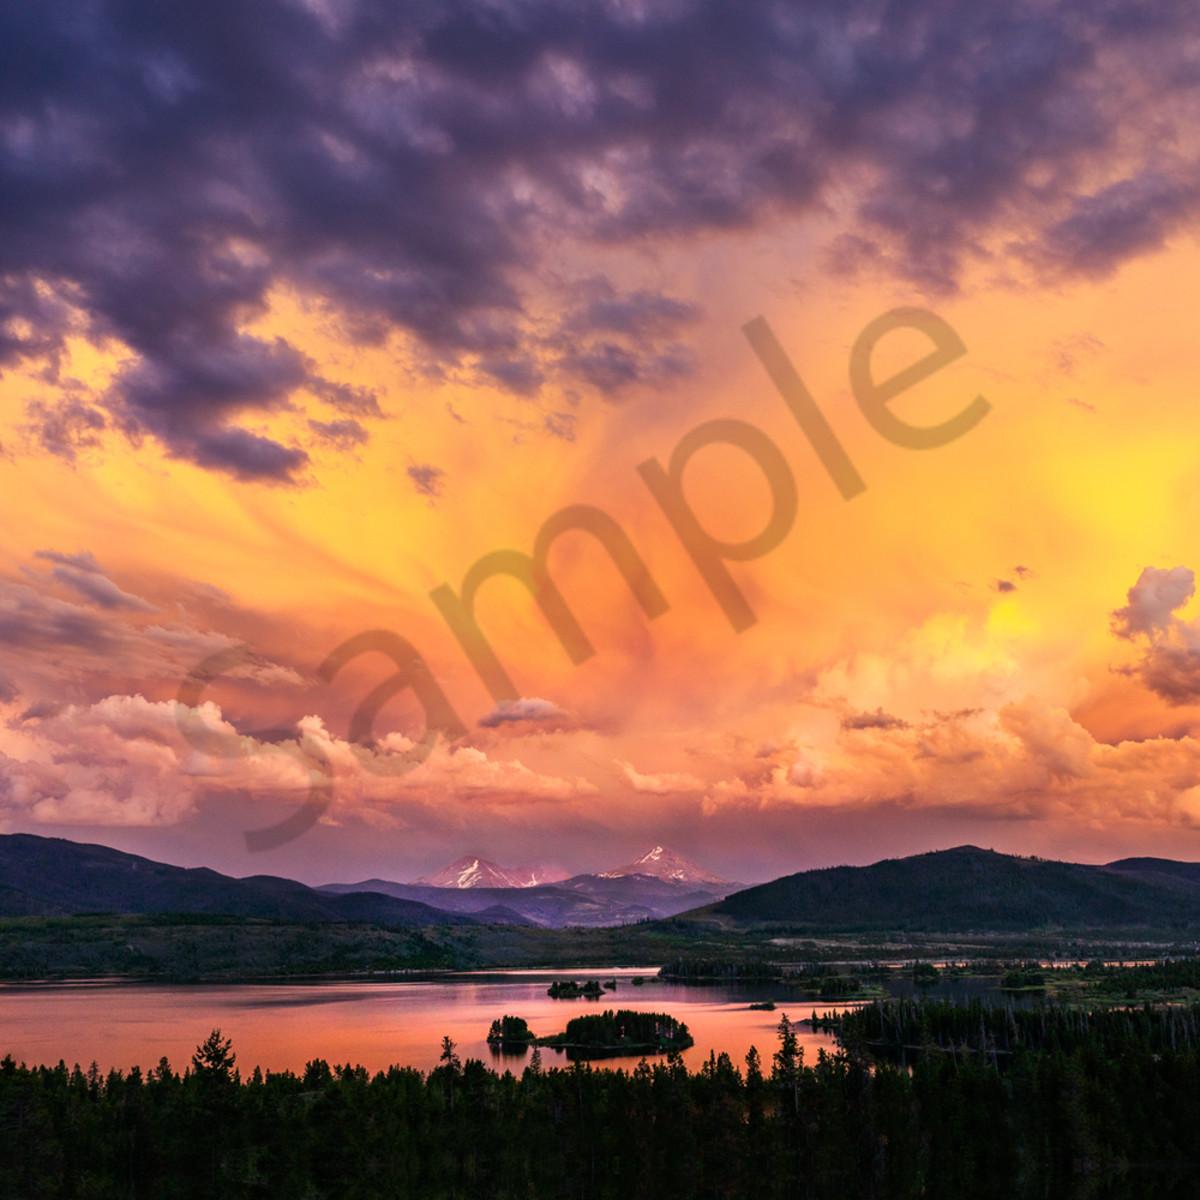 8723 lake dillon sunset 6x4 8 mxhsuj